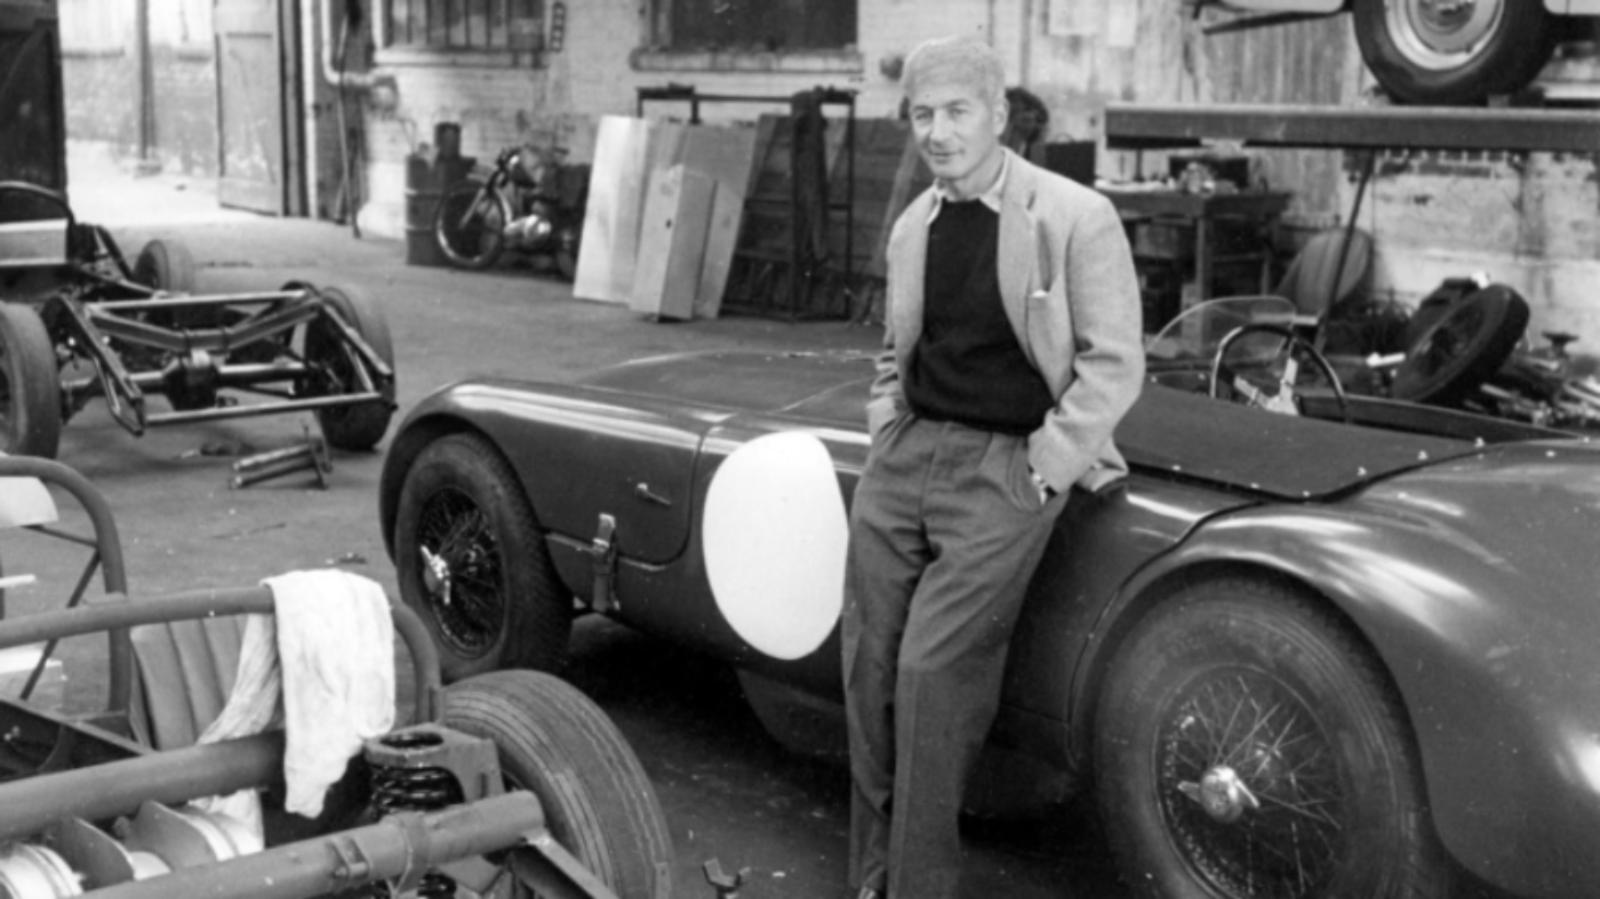 Father of the Corvette - Zora Arkus-Duntov